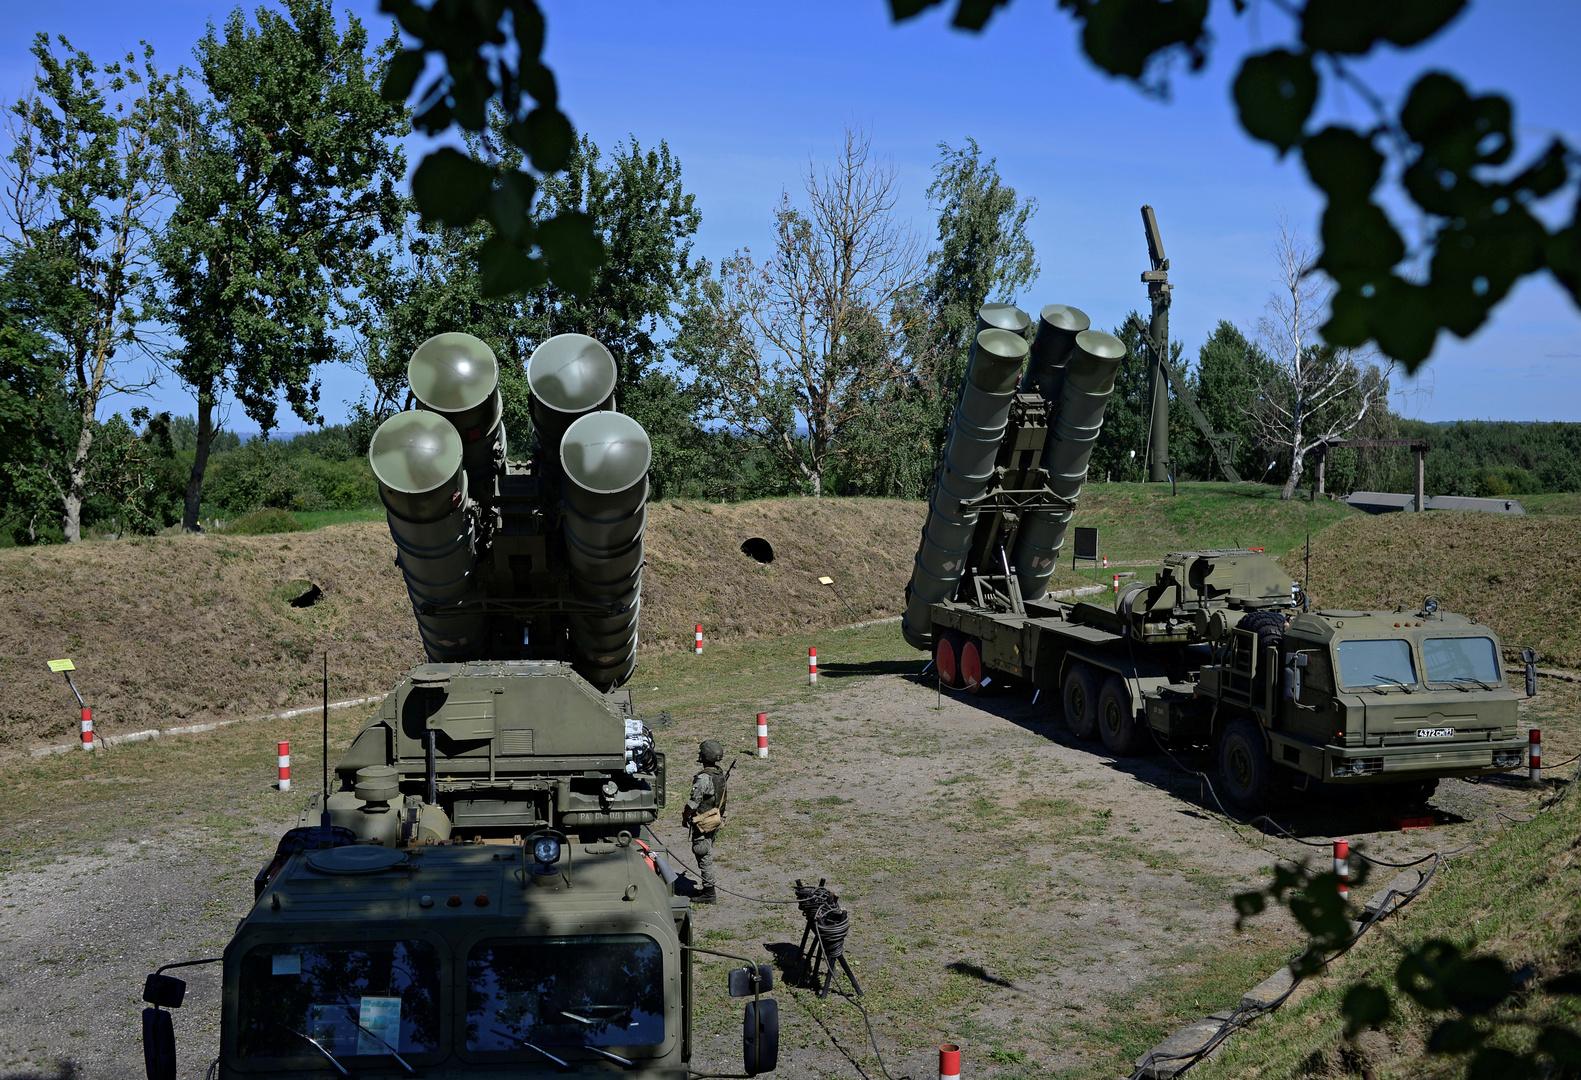 الإعلام الروسي: تركيا تسقط خلال تدريبات ثلاثة أهداف بـ